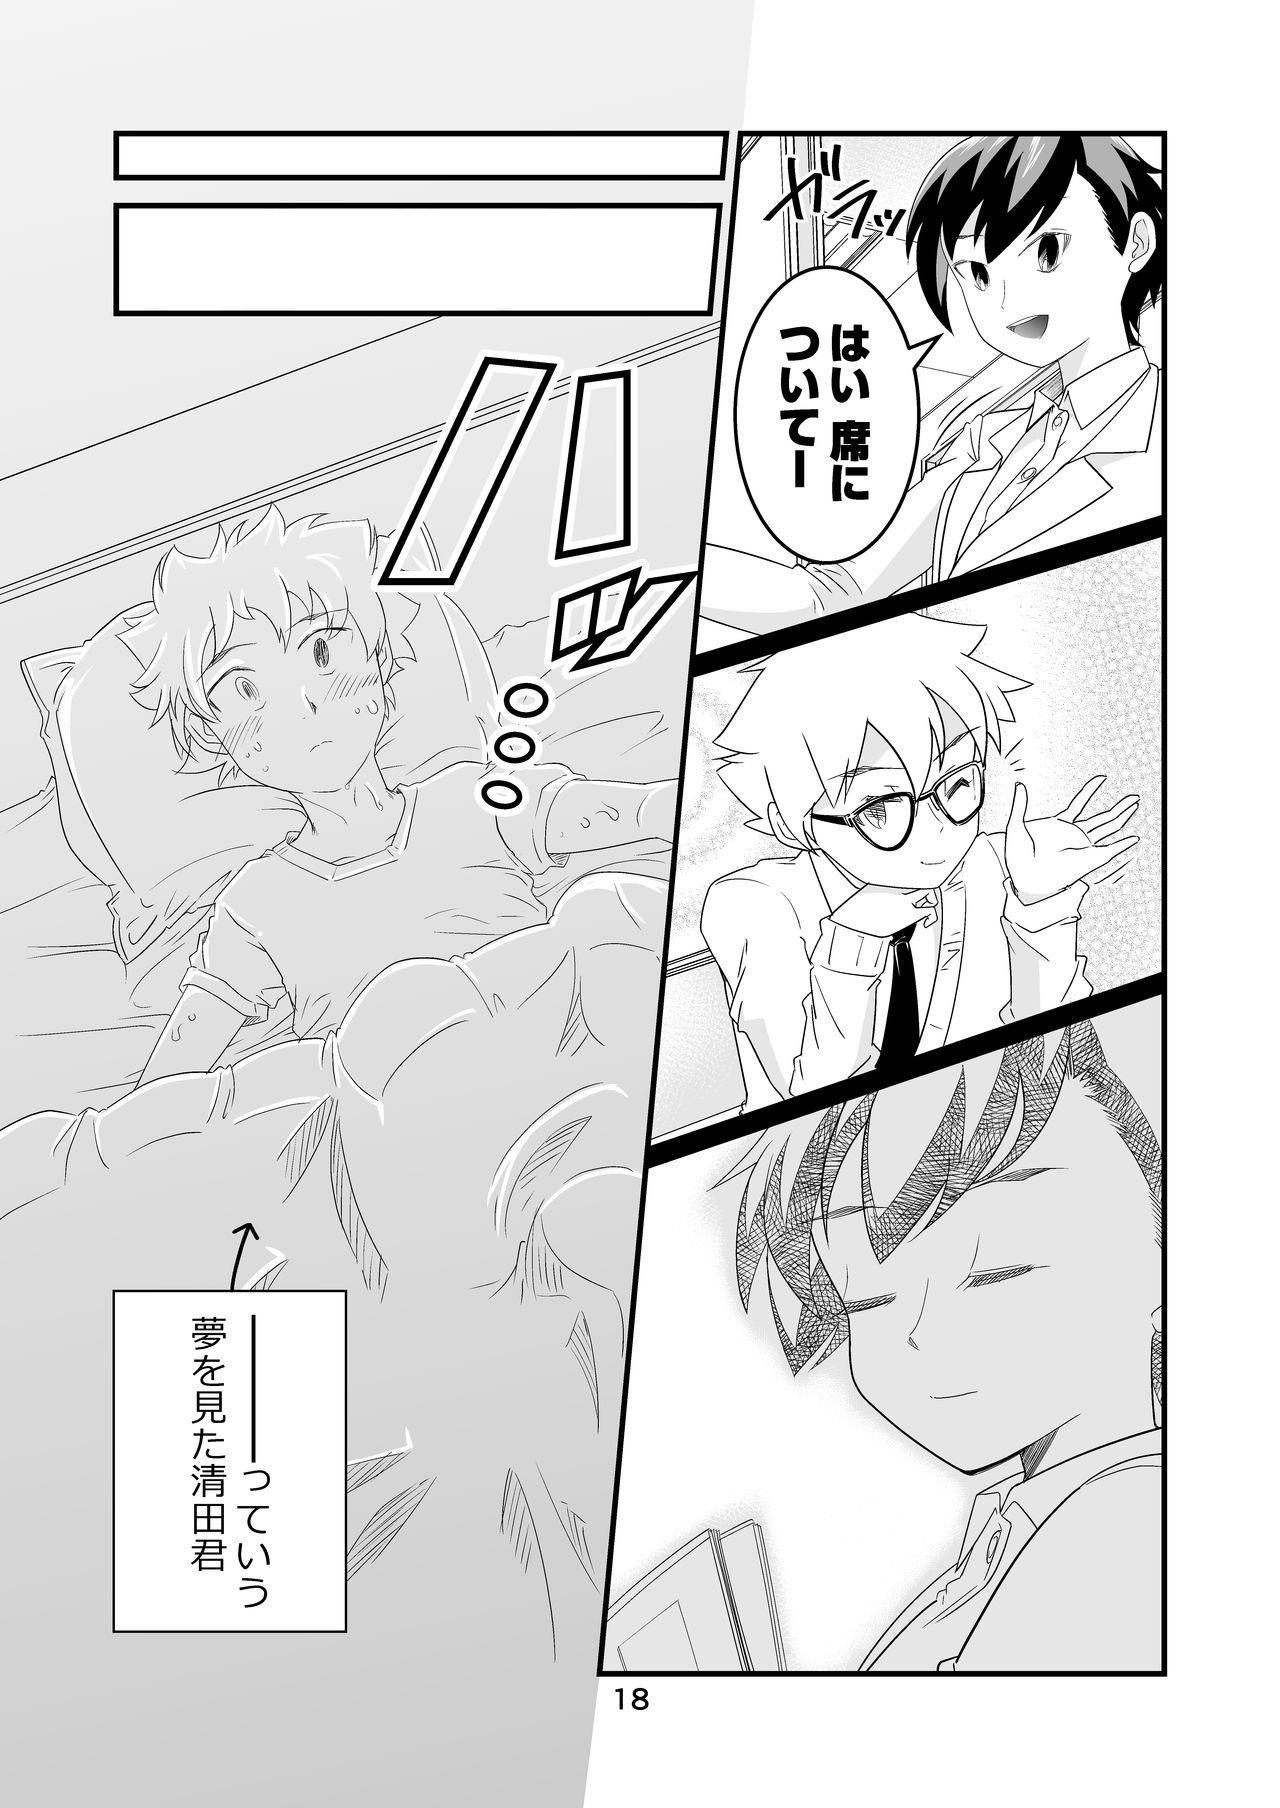 Watamote Seishun Omnibus 17